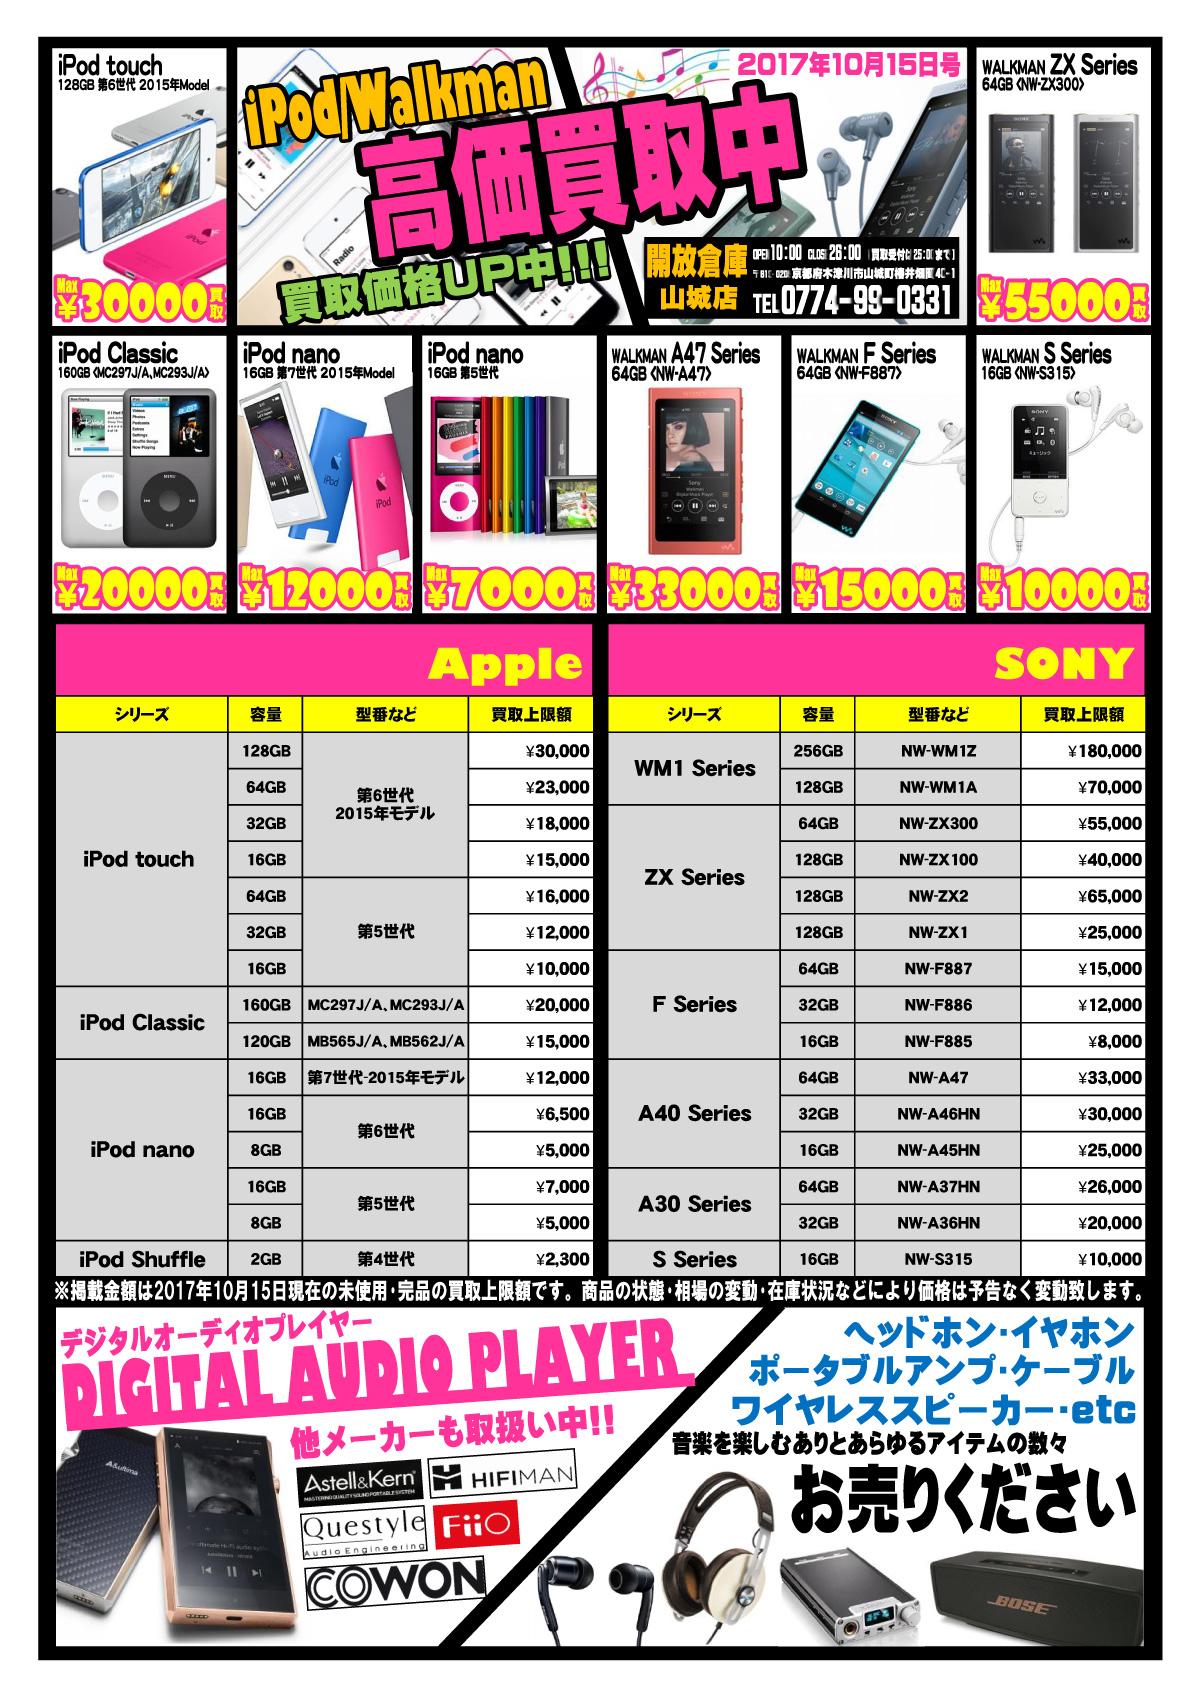 「開放倉庫山城店」家電コーナー<iPod/Walkman高価買取中>買取価格UP中!!!DIGITAL AUDIO PLAYER 他メーカーも取扱い中!!